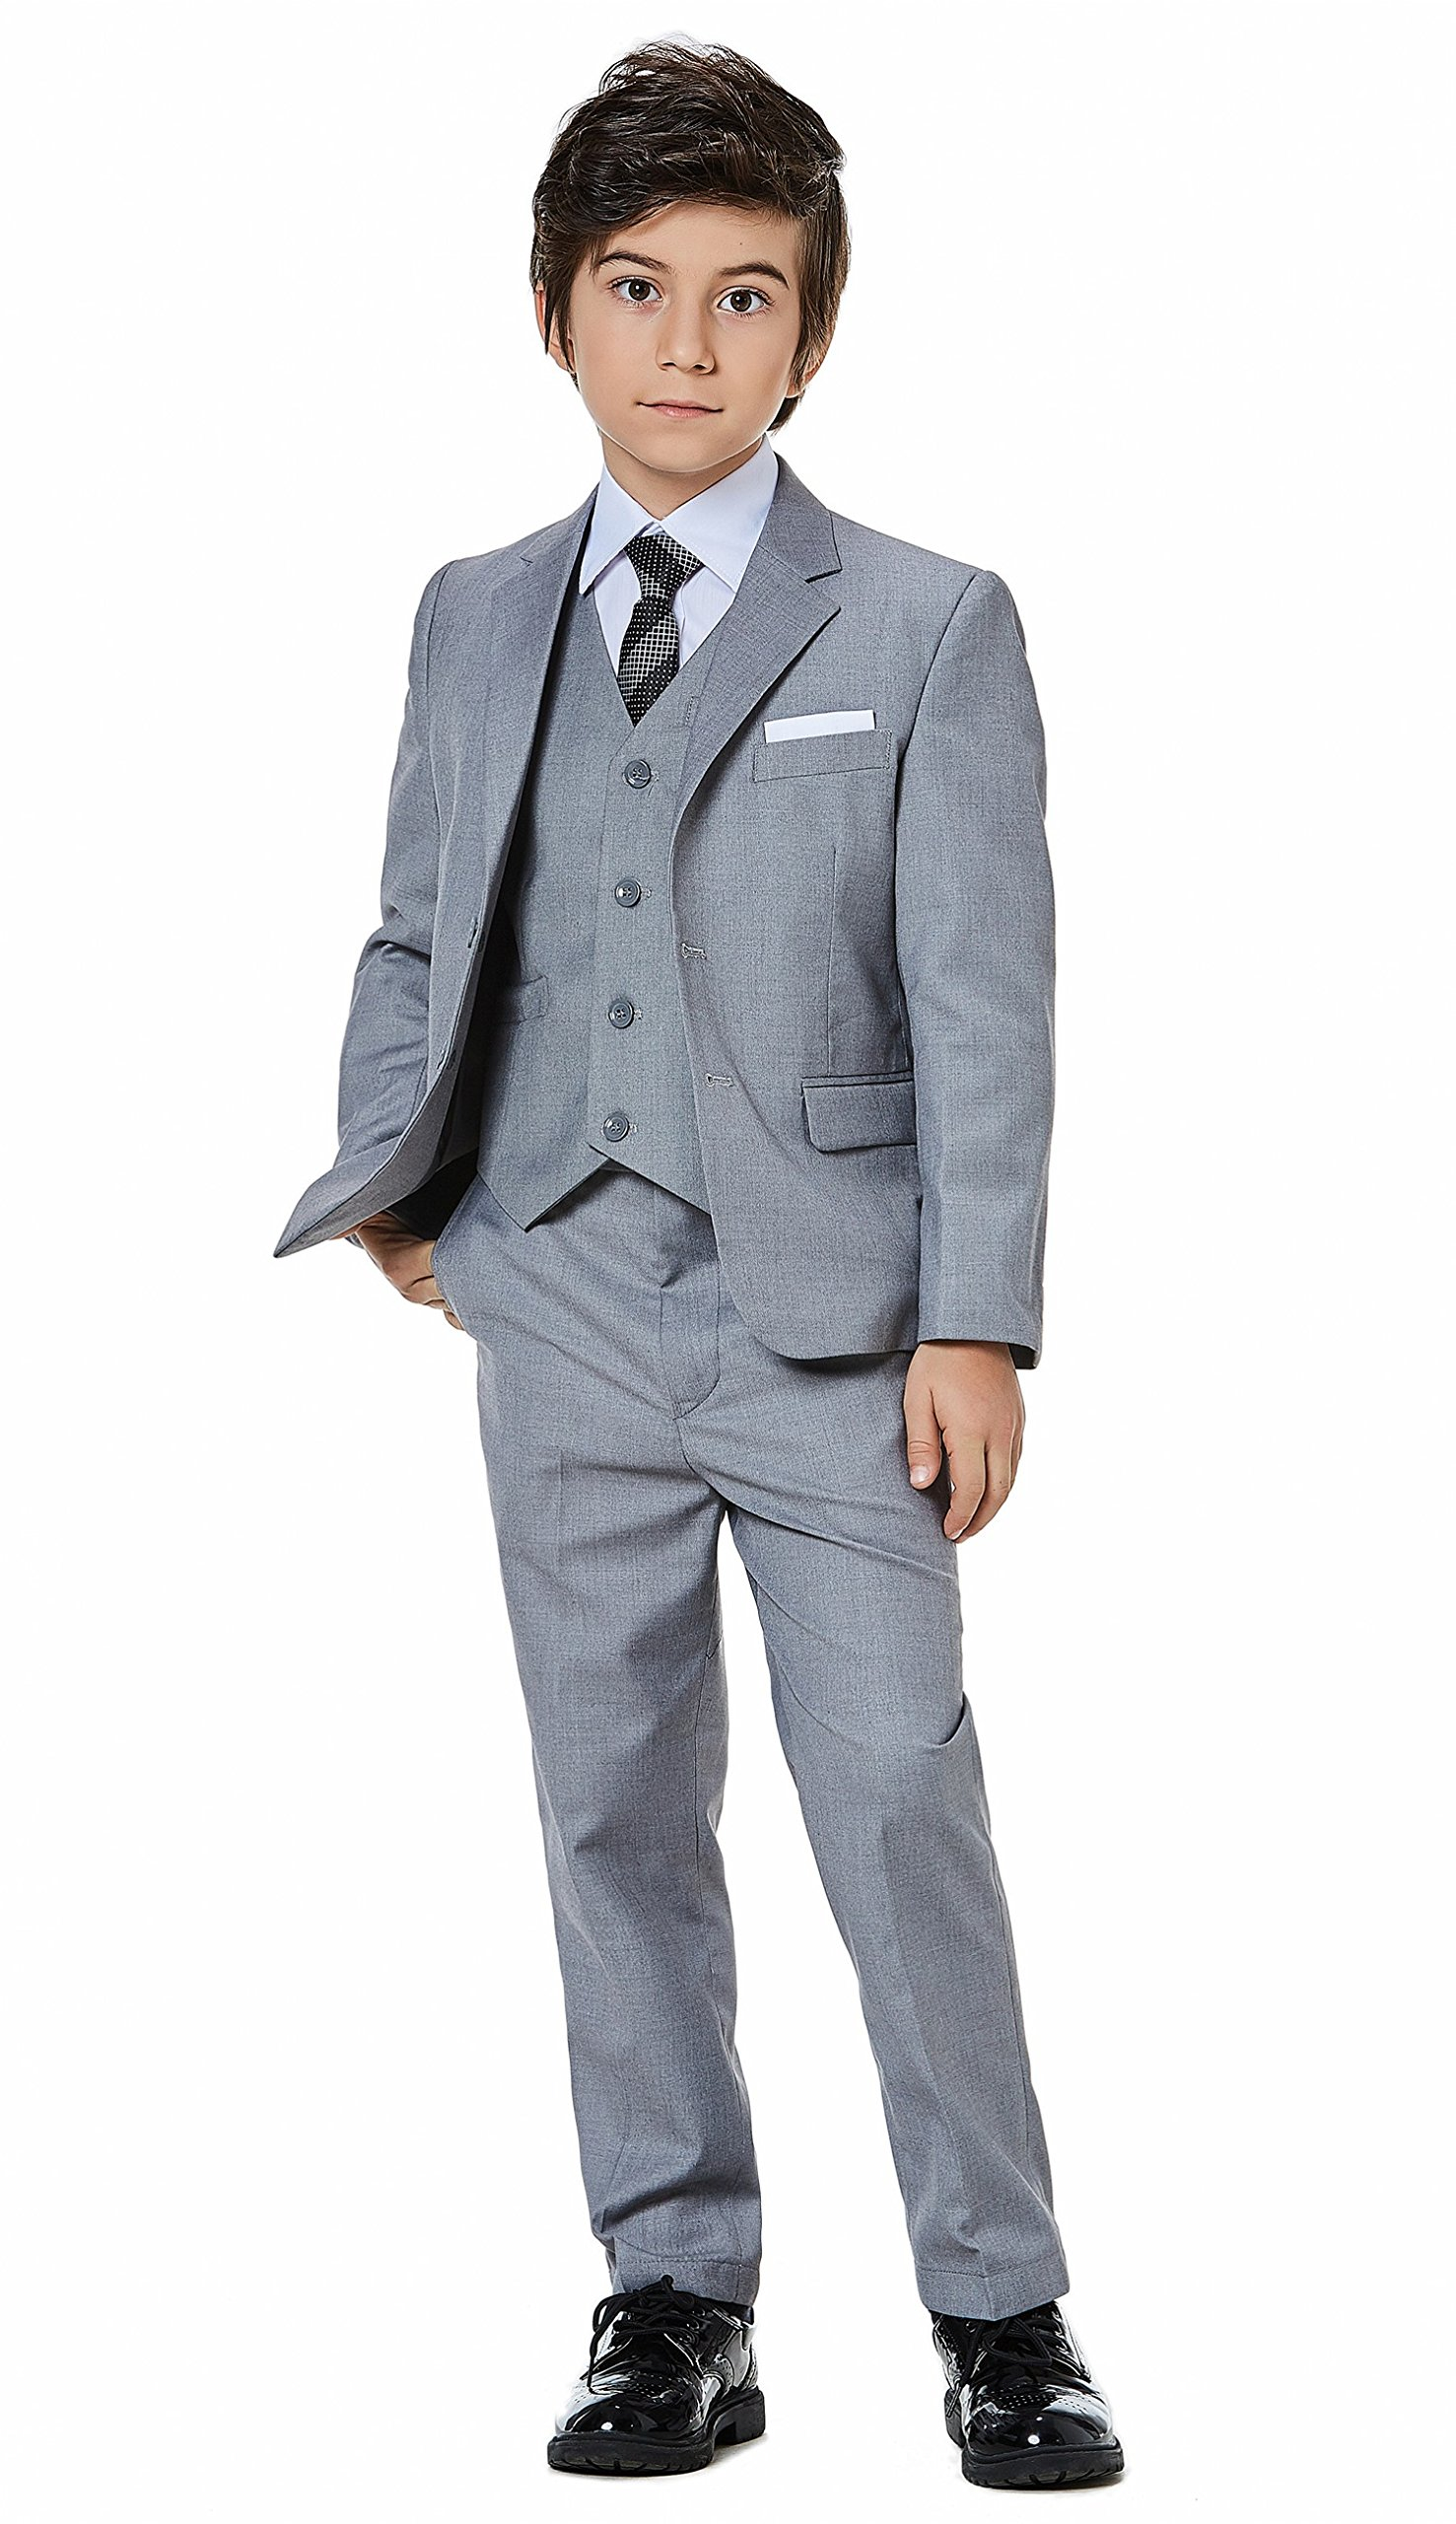 Boys Classic Formal Dress Suits Set 5 Piece Slim Fit Dresswear Suit (4, Grey 2)